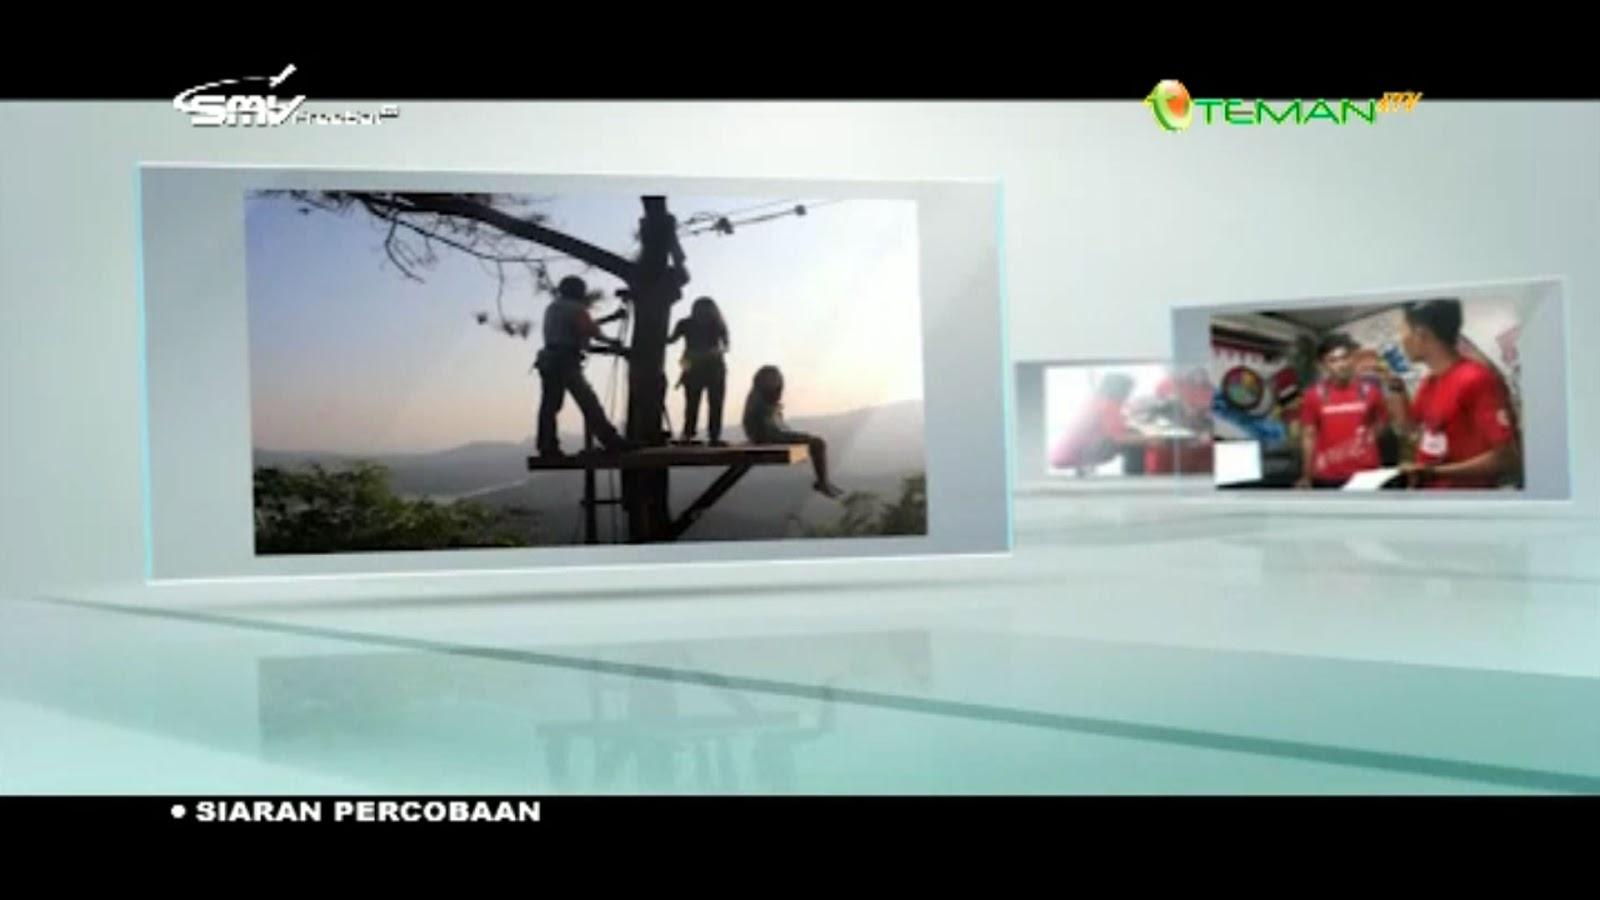 Frekuensi siaran Teman TV di satelit ABS 2A Terbaru